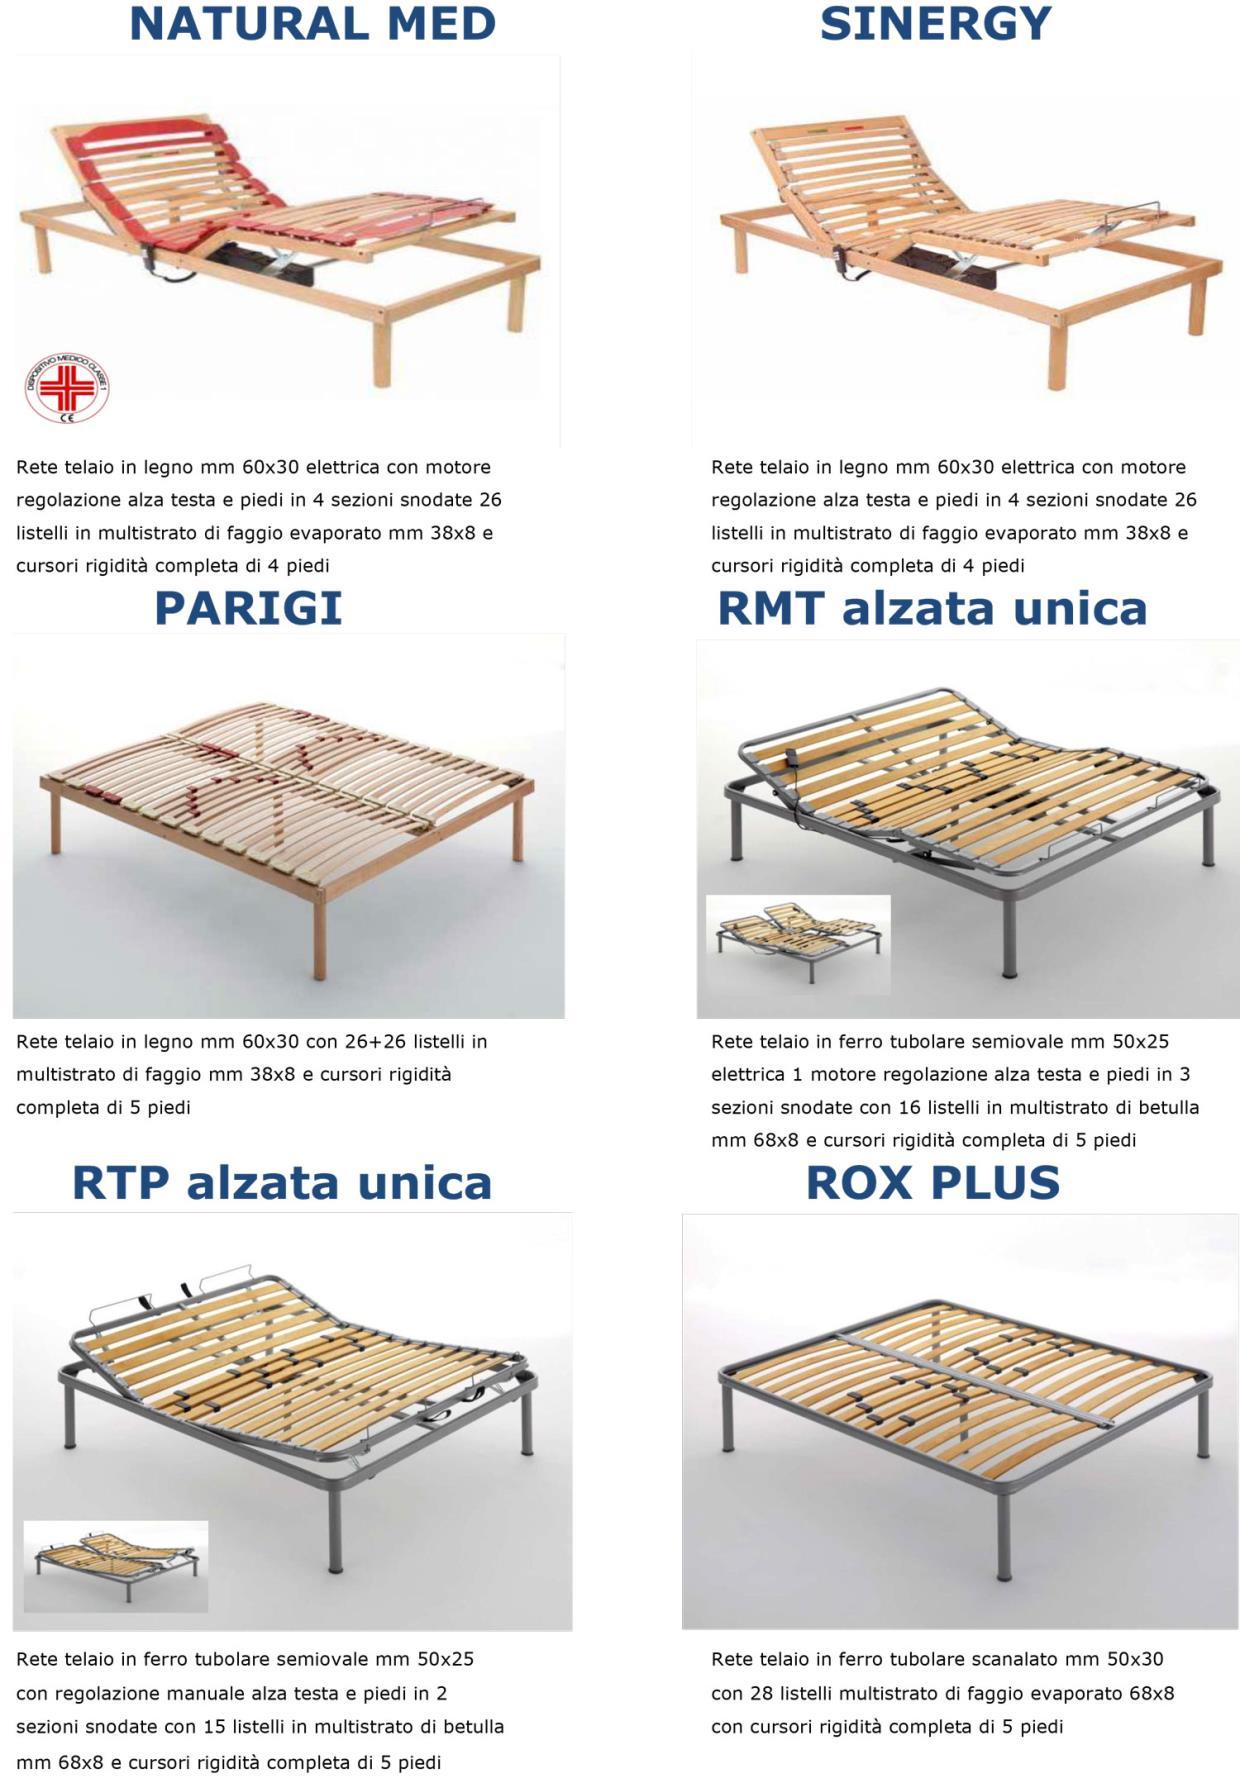 Reti da letto con telaio in legno e in ferro Punto Notte